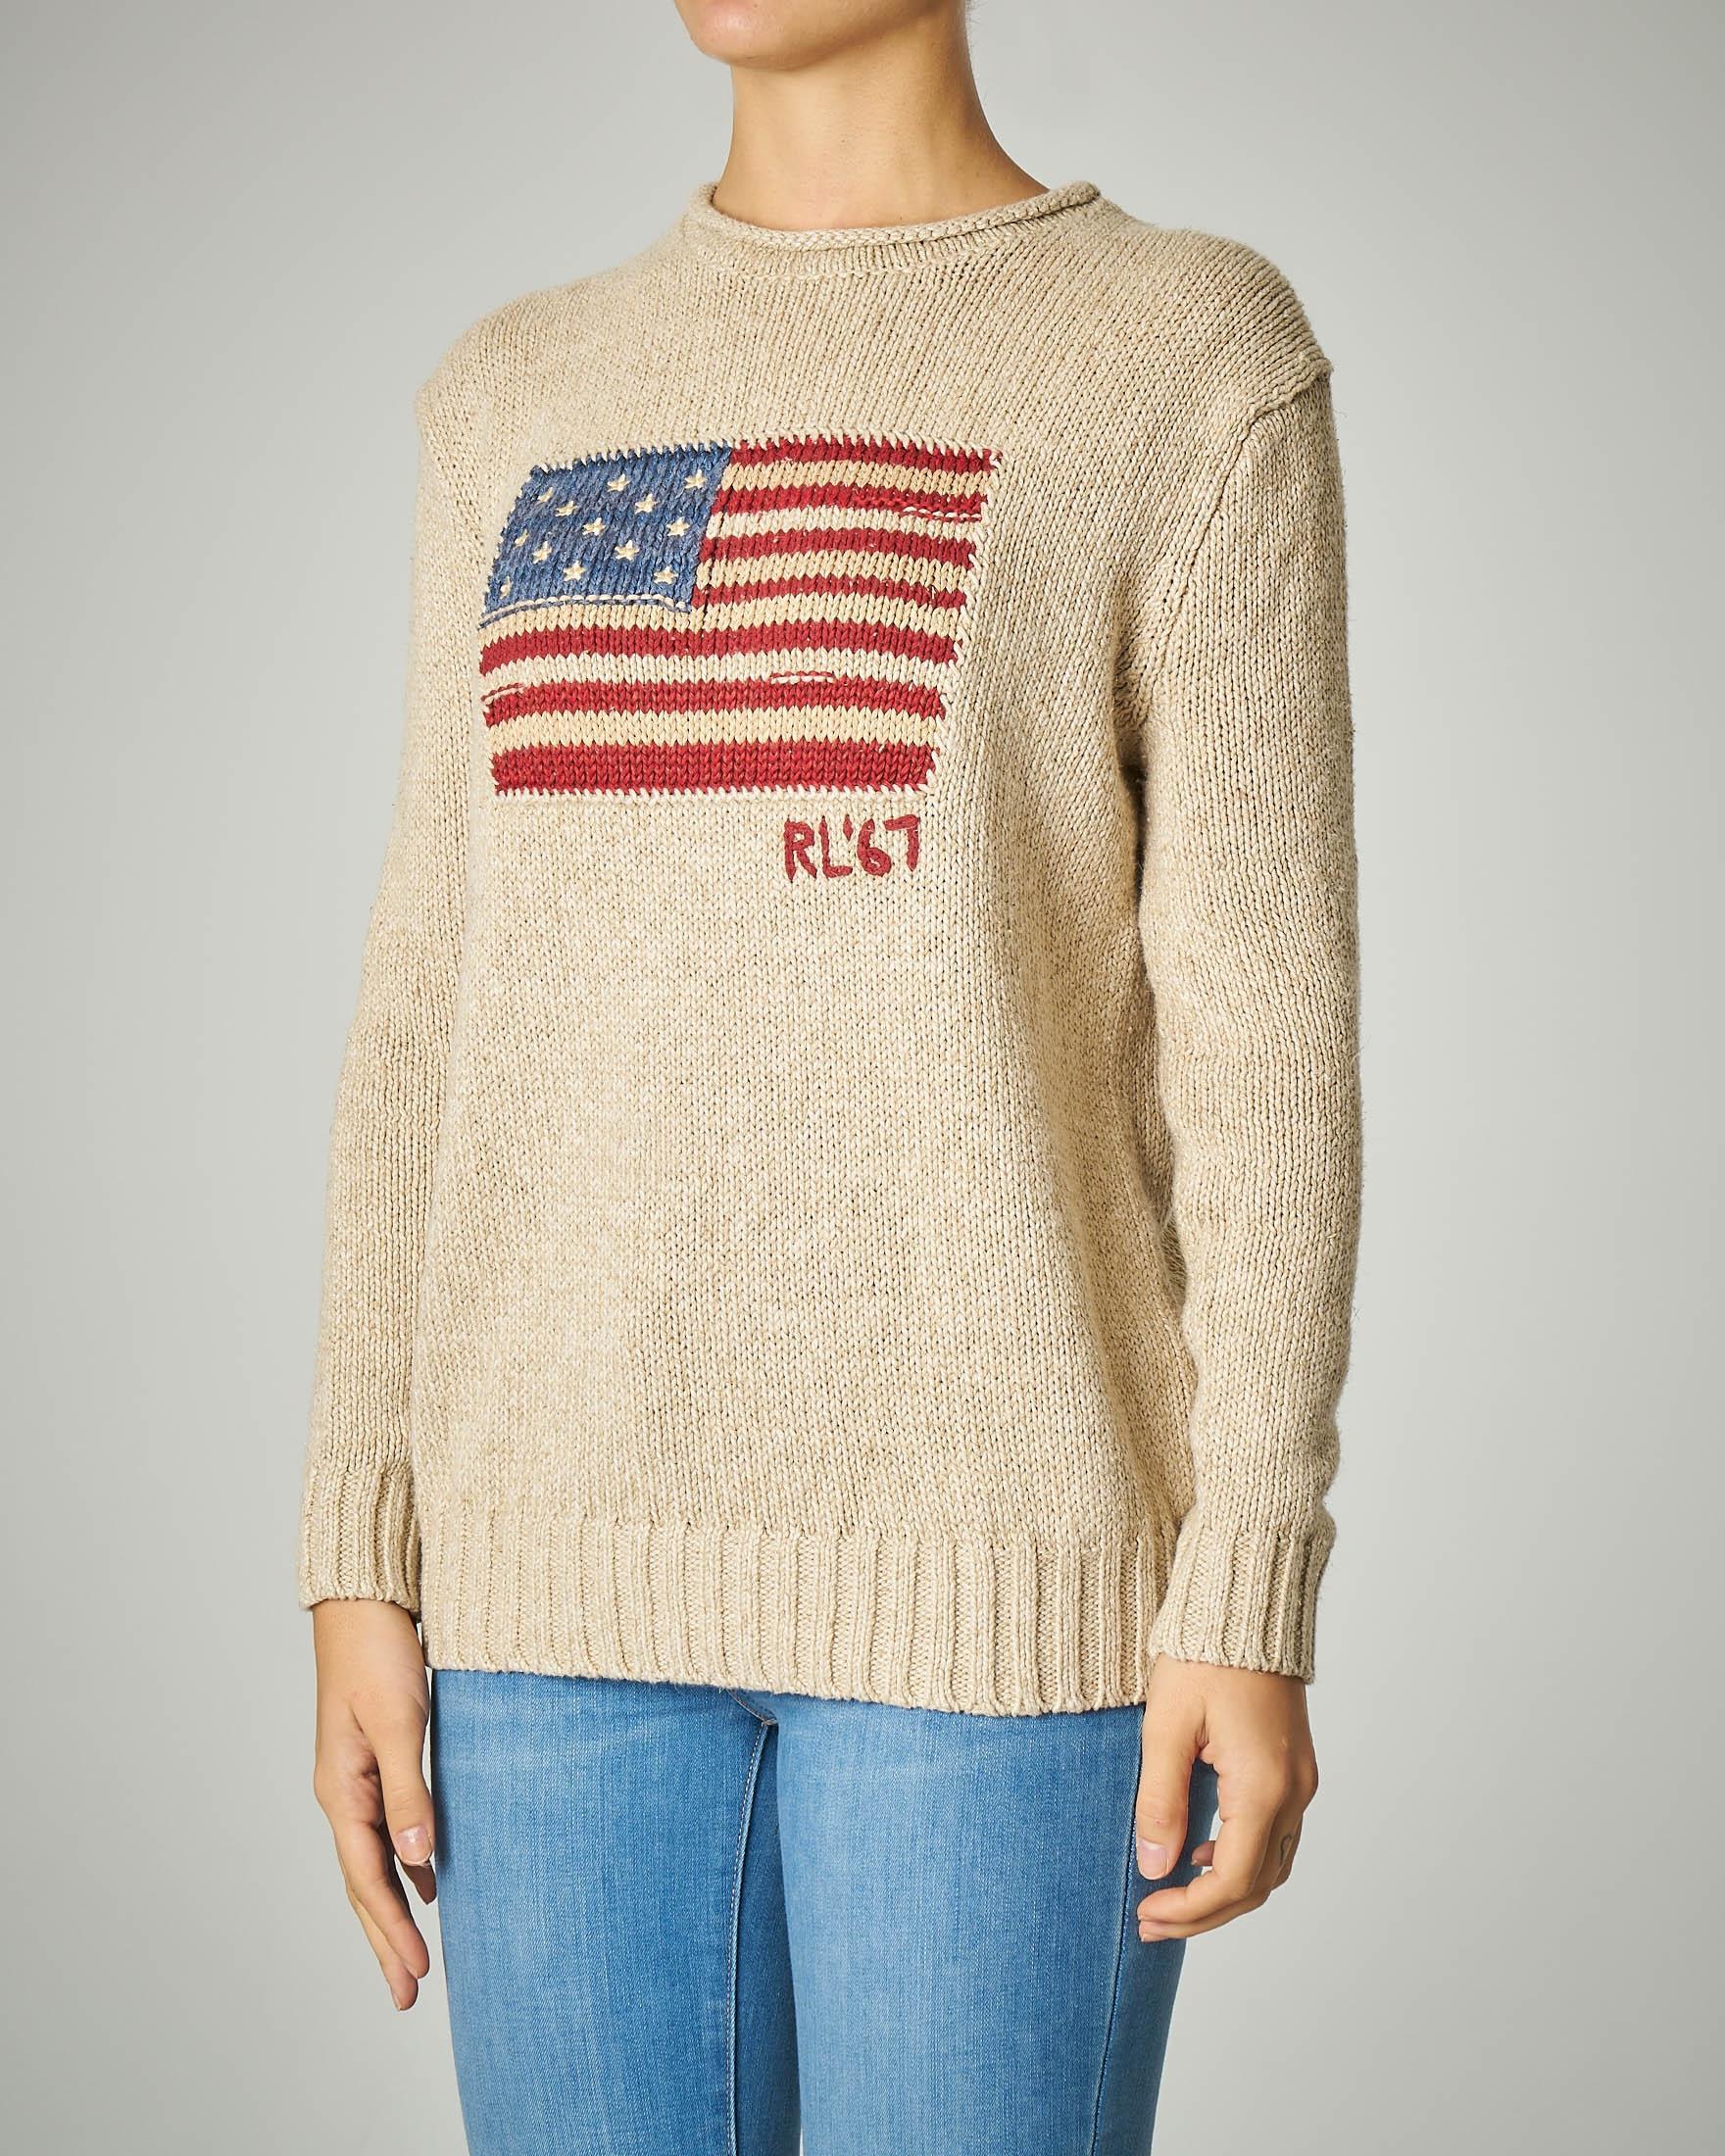 Maglia tricot in cotone misto lino beige con logo bandiera